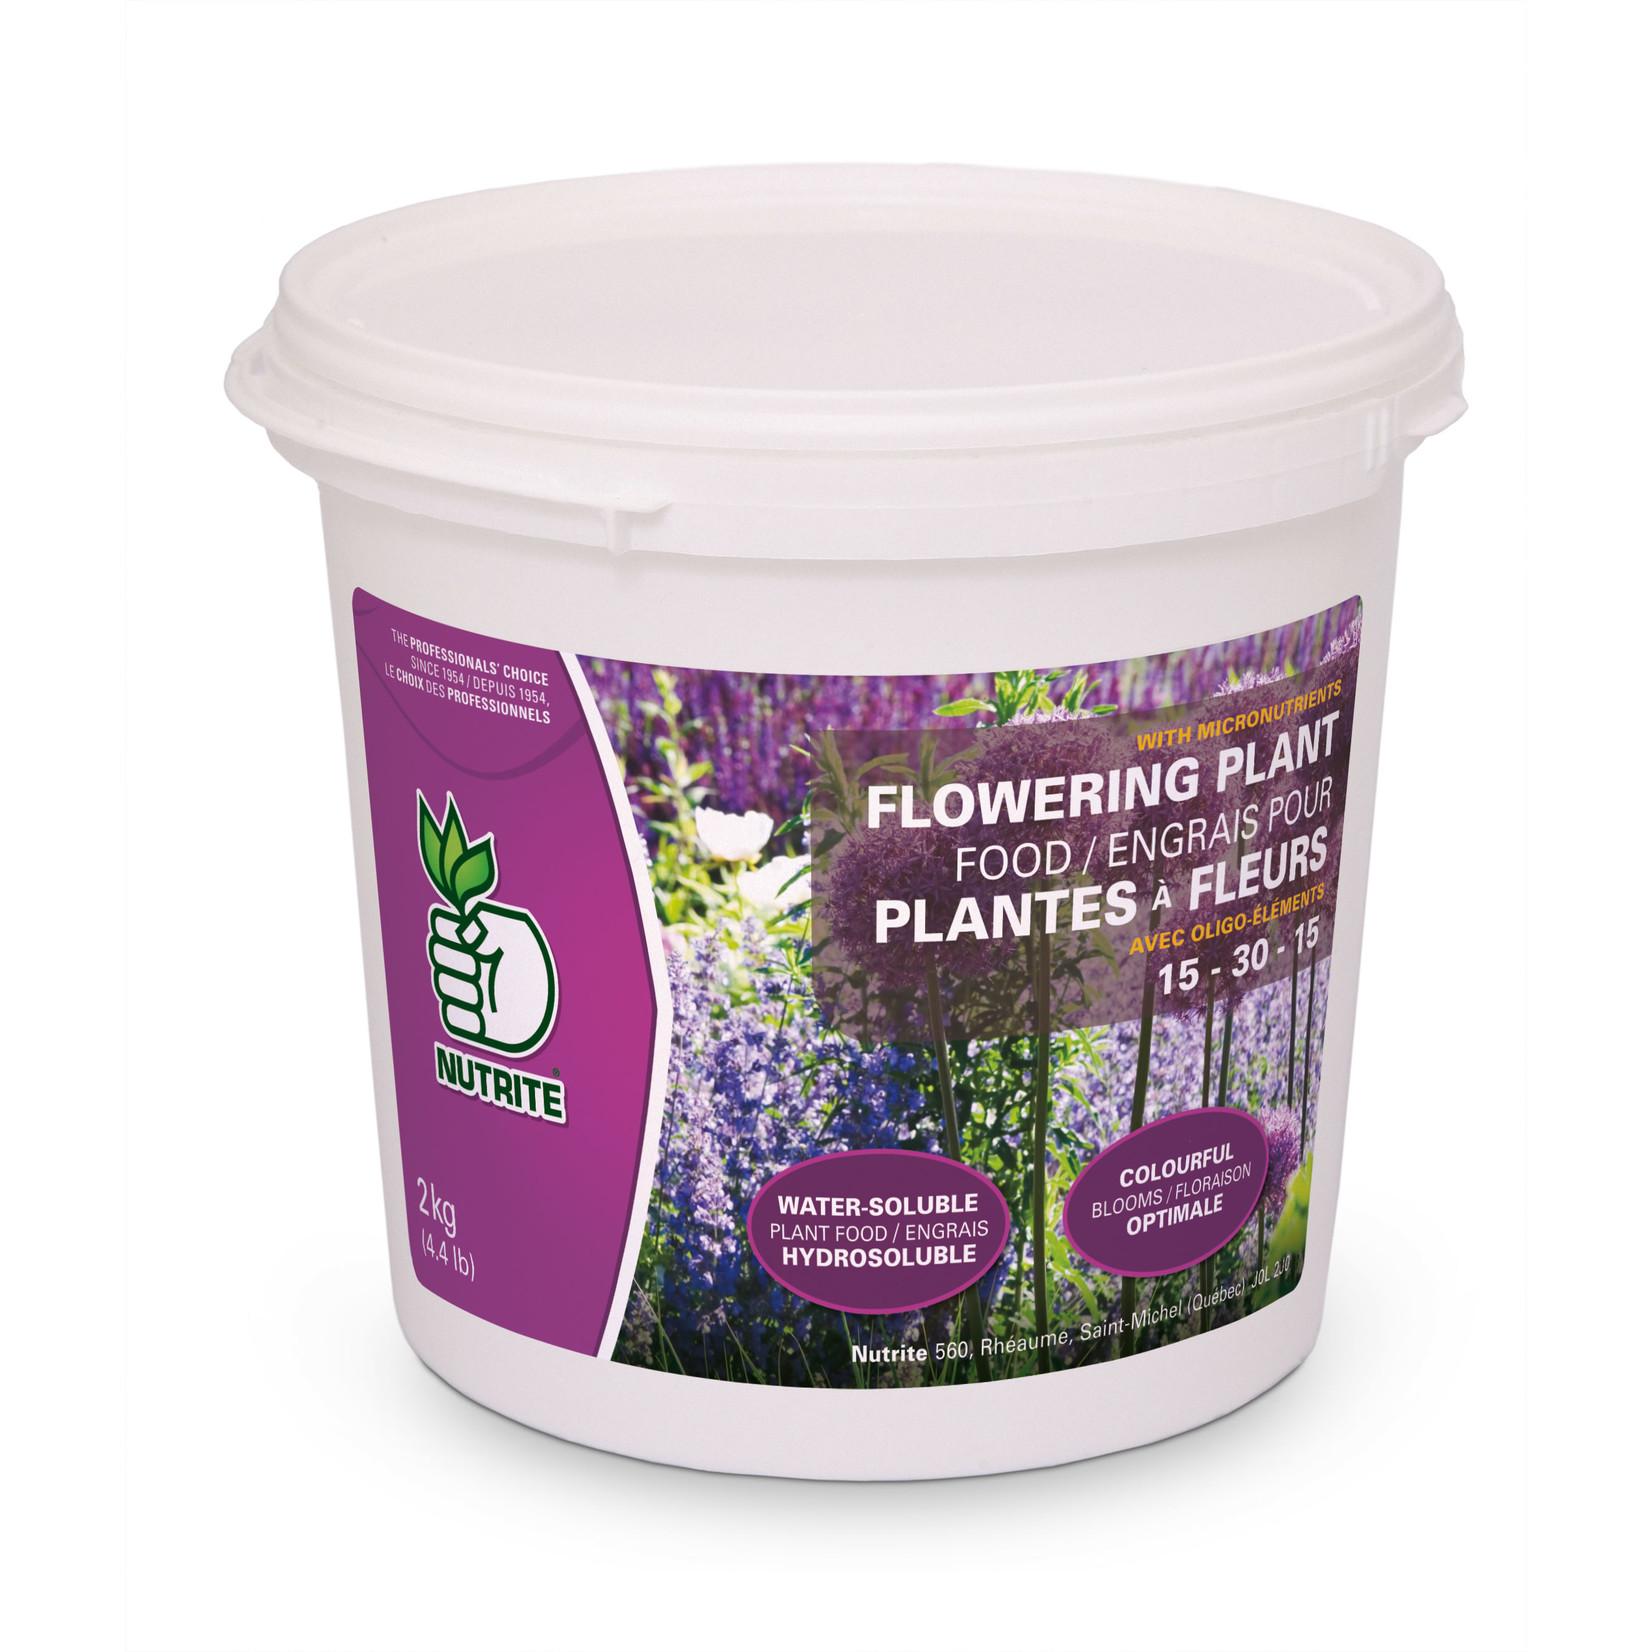 Nutrite Plantes à fleurs (15-30-15) 2 KG